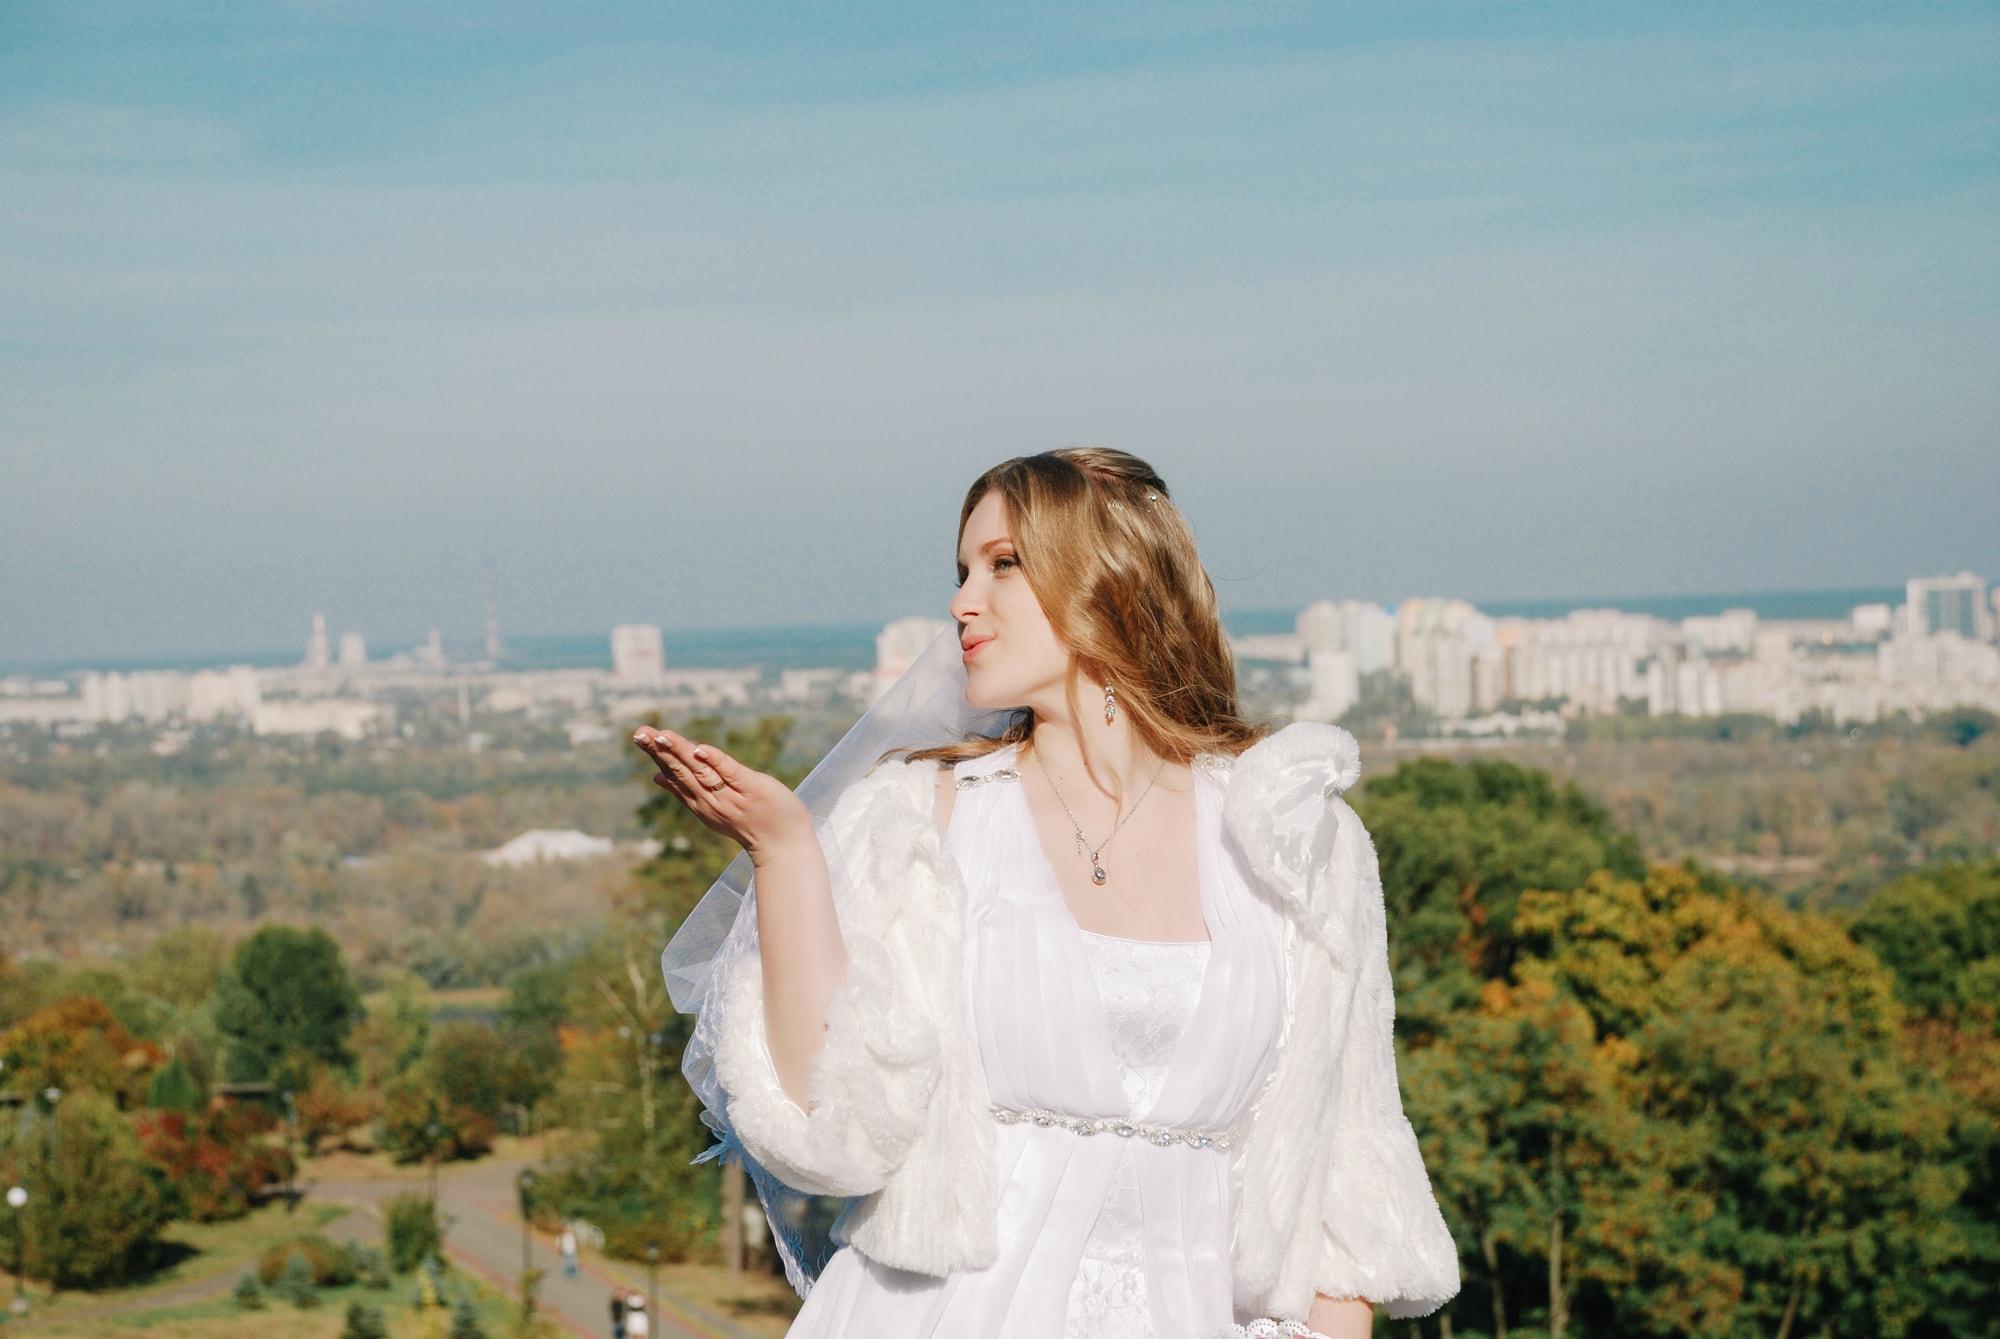 Невеста и воздушный поцелуй - Фотограф Киев - Женя Лайт